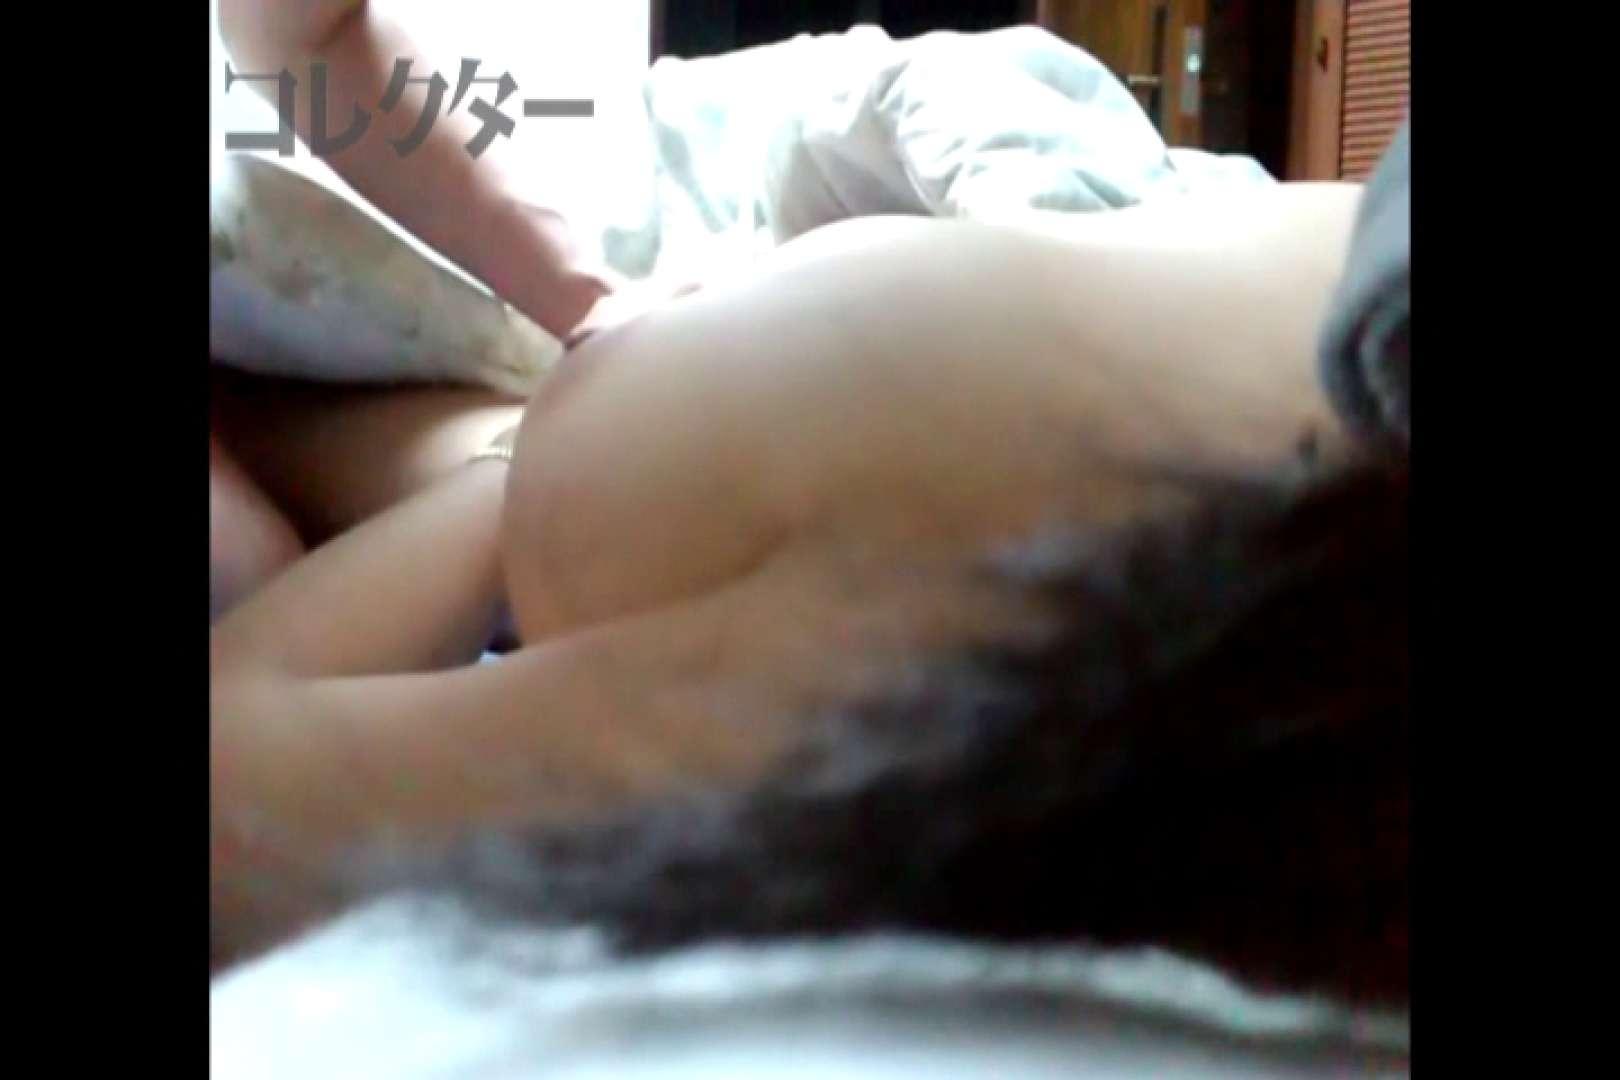 爆酔爆乳美女Vol.02 爆乳 AV動画キャプチャ 51PIX 15